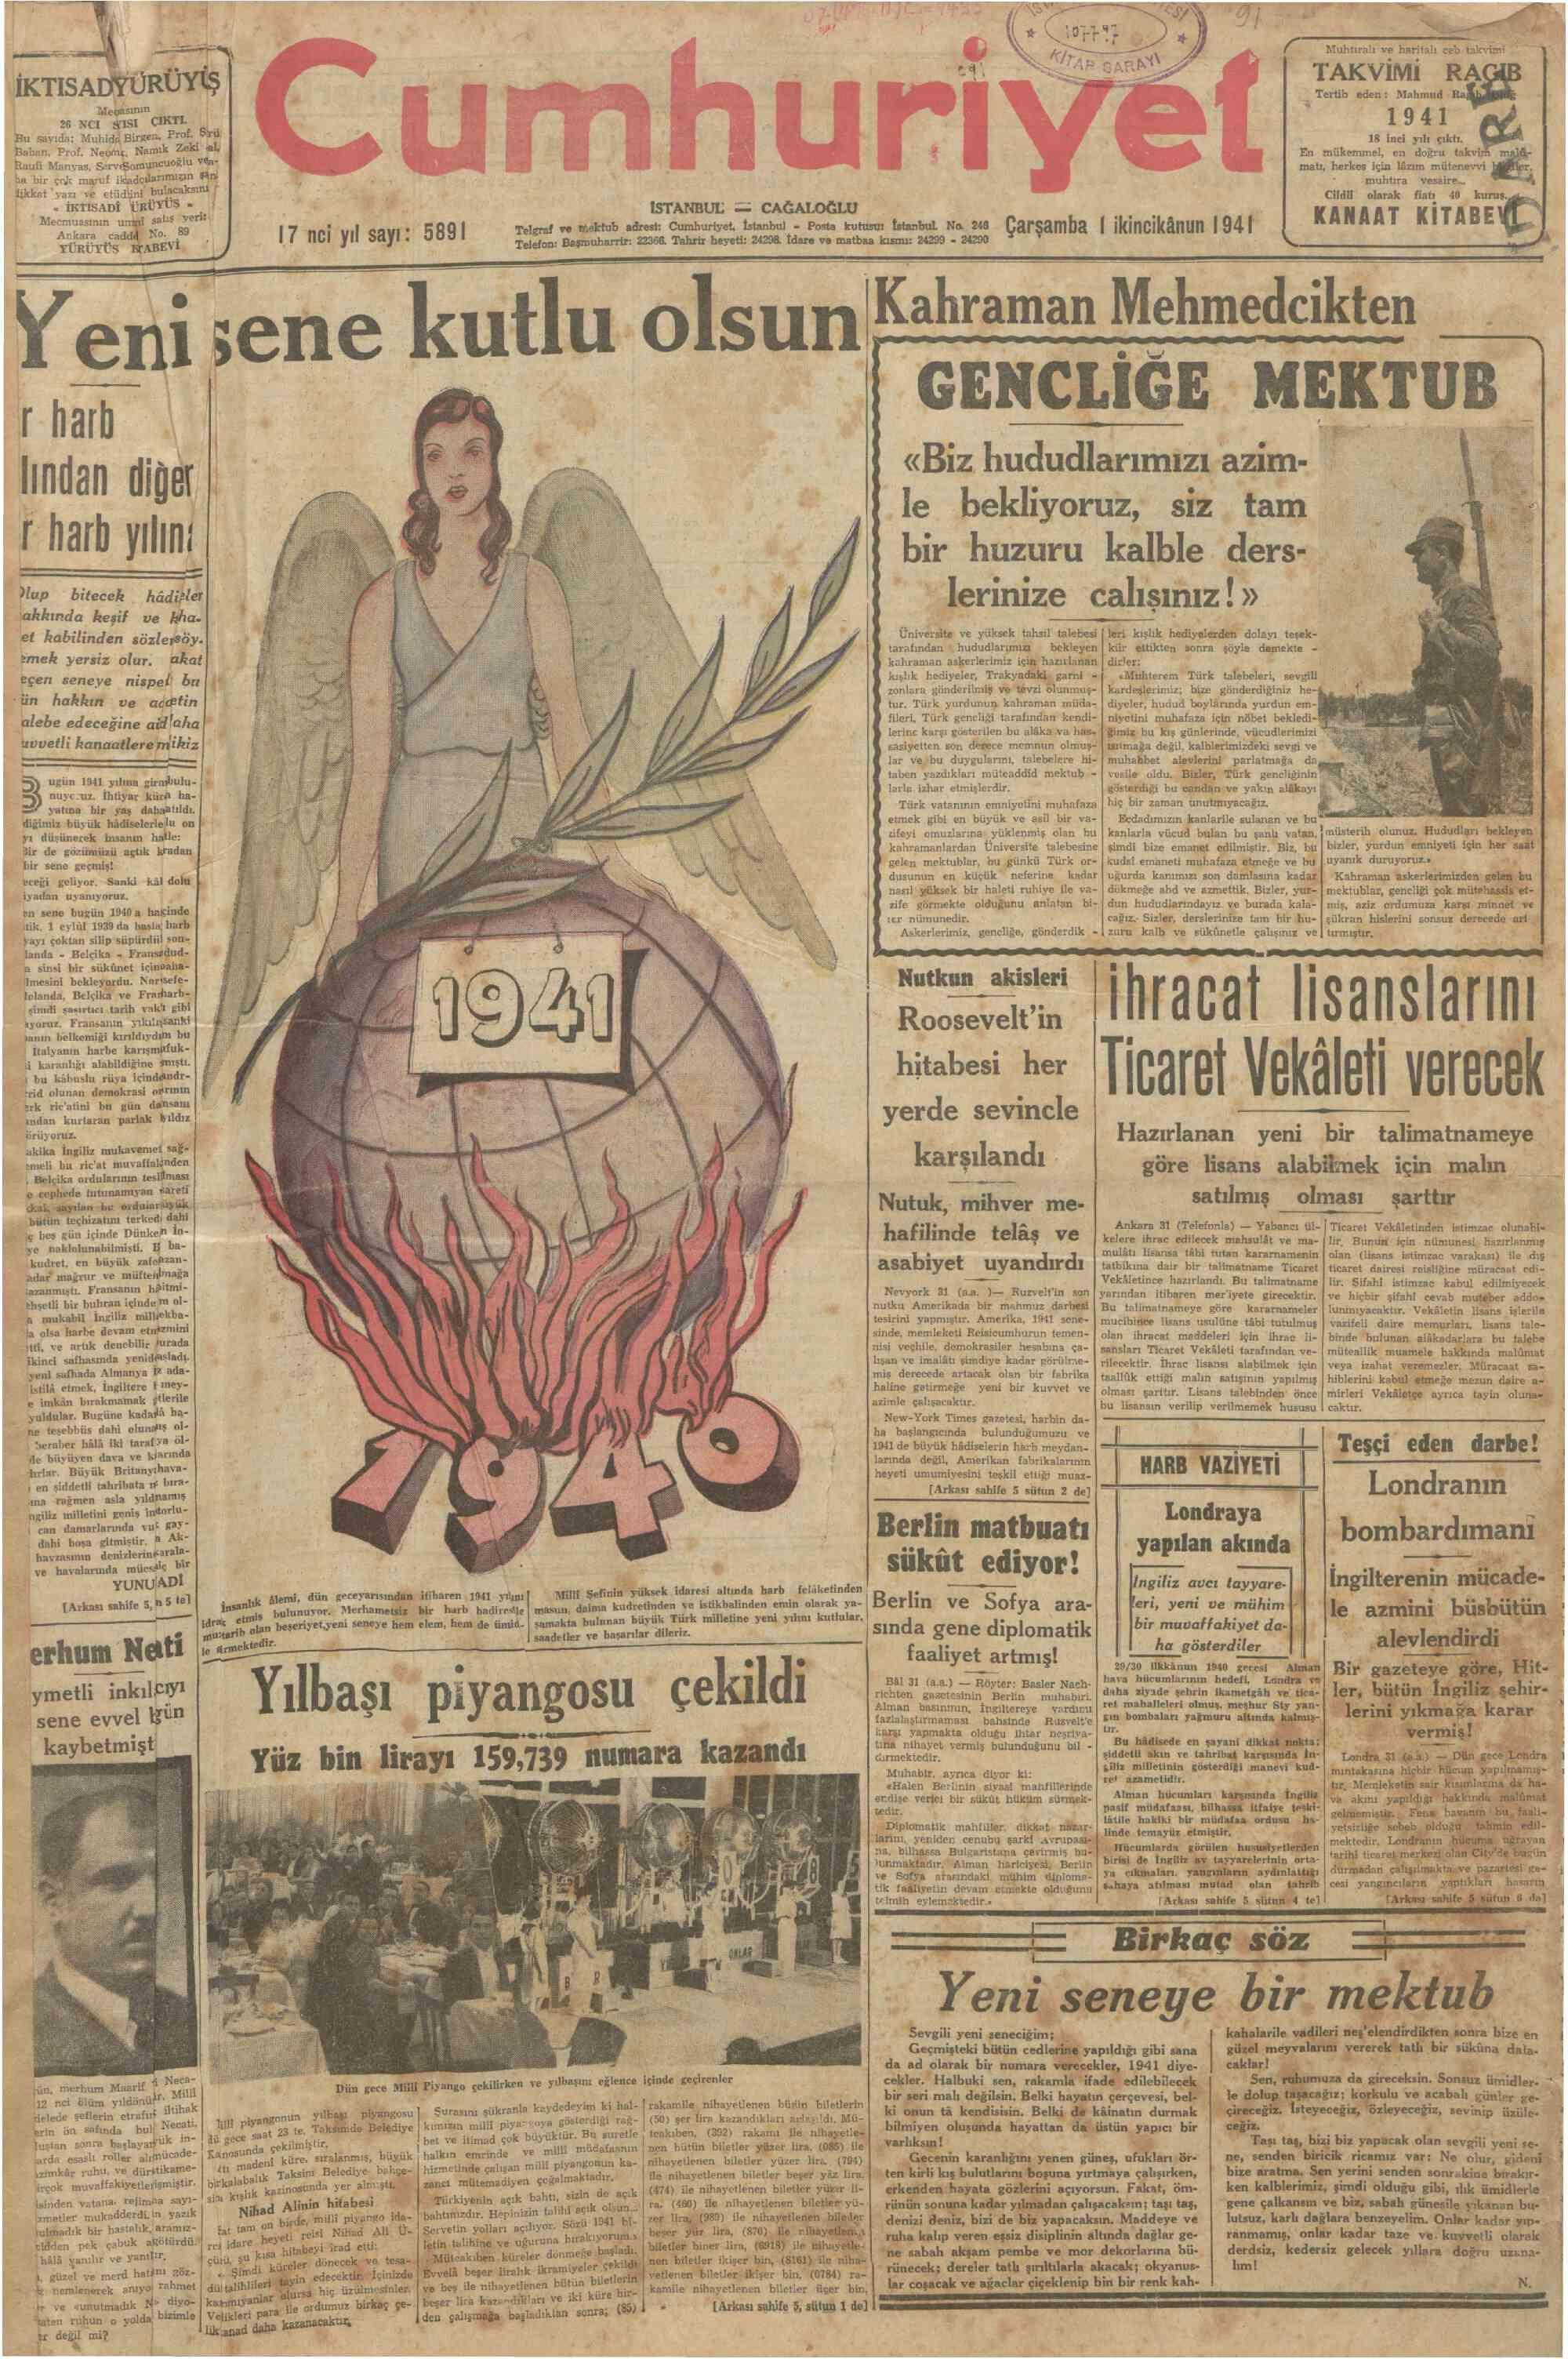 1 Ocak 1941 Tarihli Cumhuriyet Gazetesi Sayfa 1